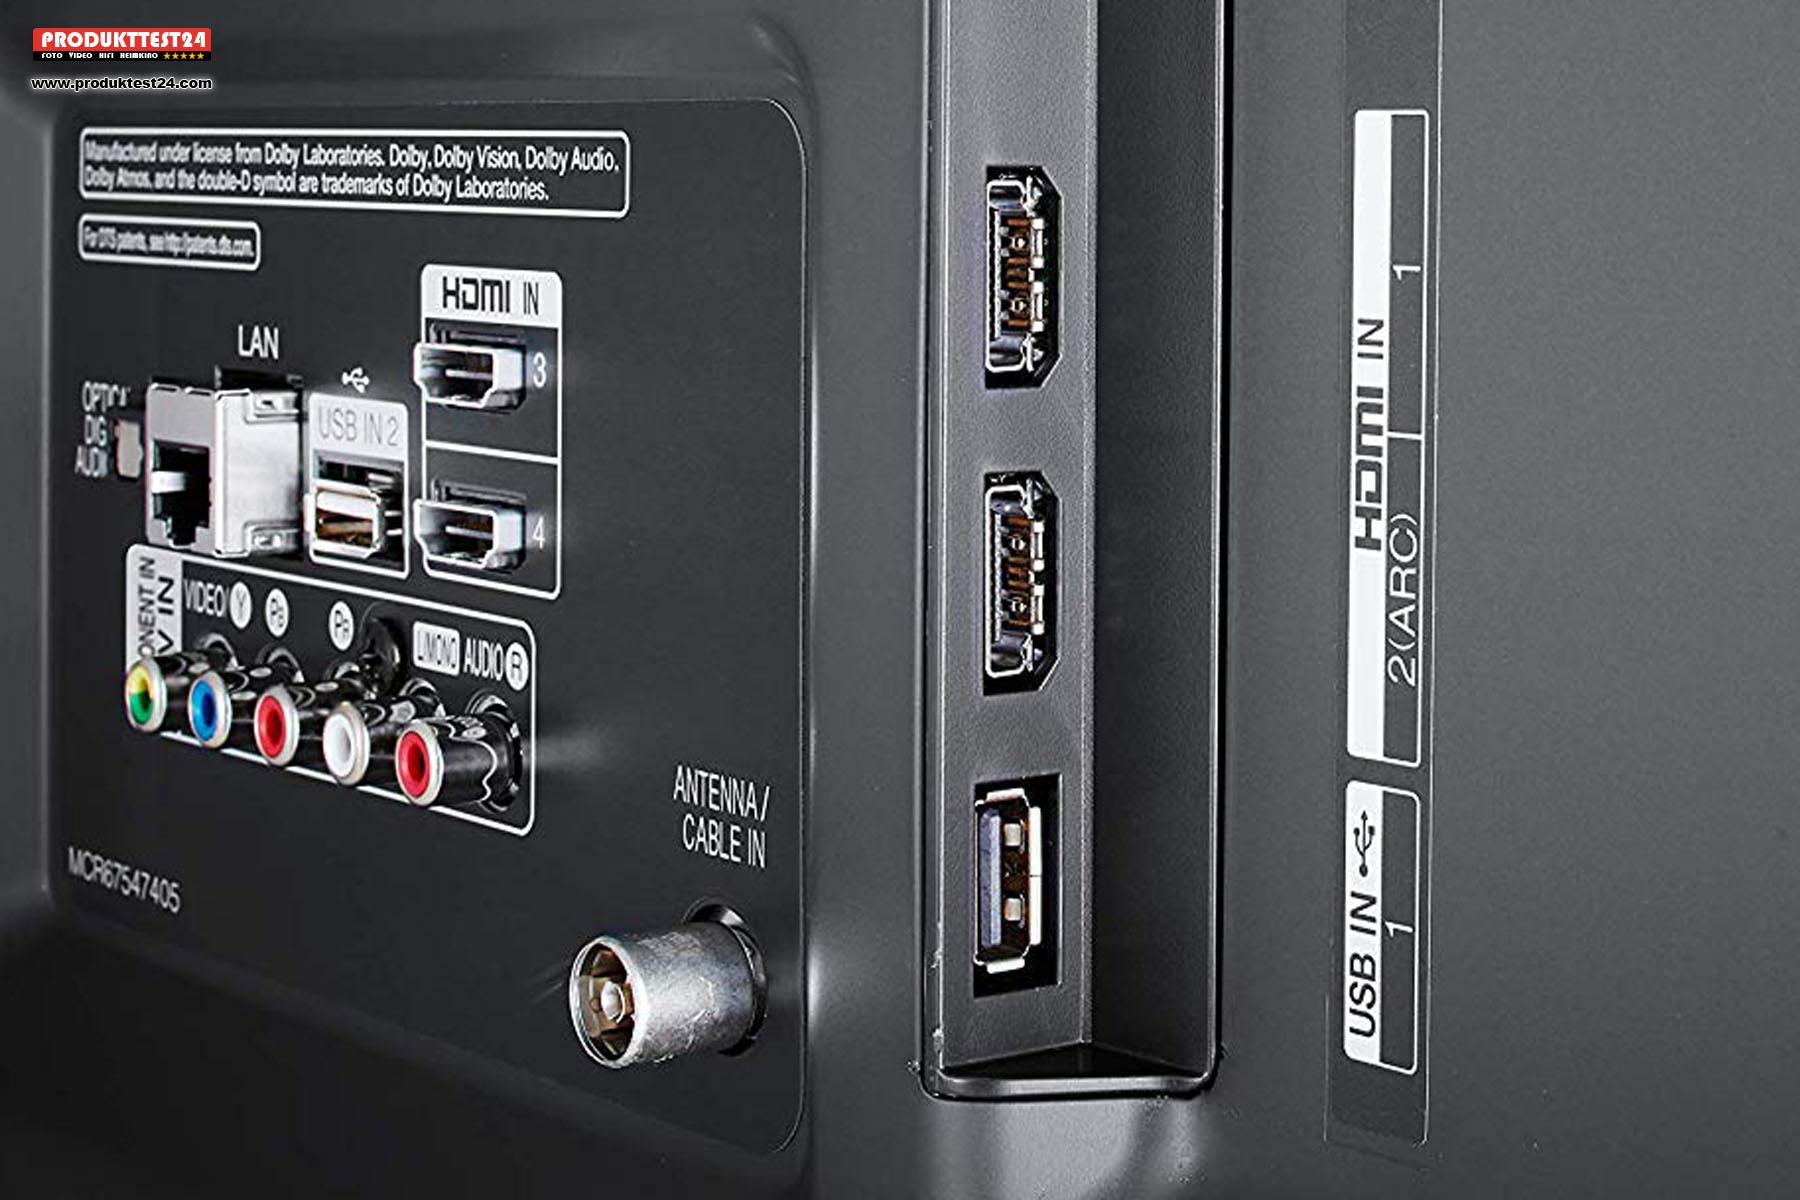 Anschlusspanel mit 3x HDMI, 2x USB und analogen Anschlüssen